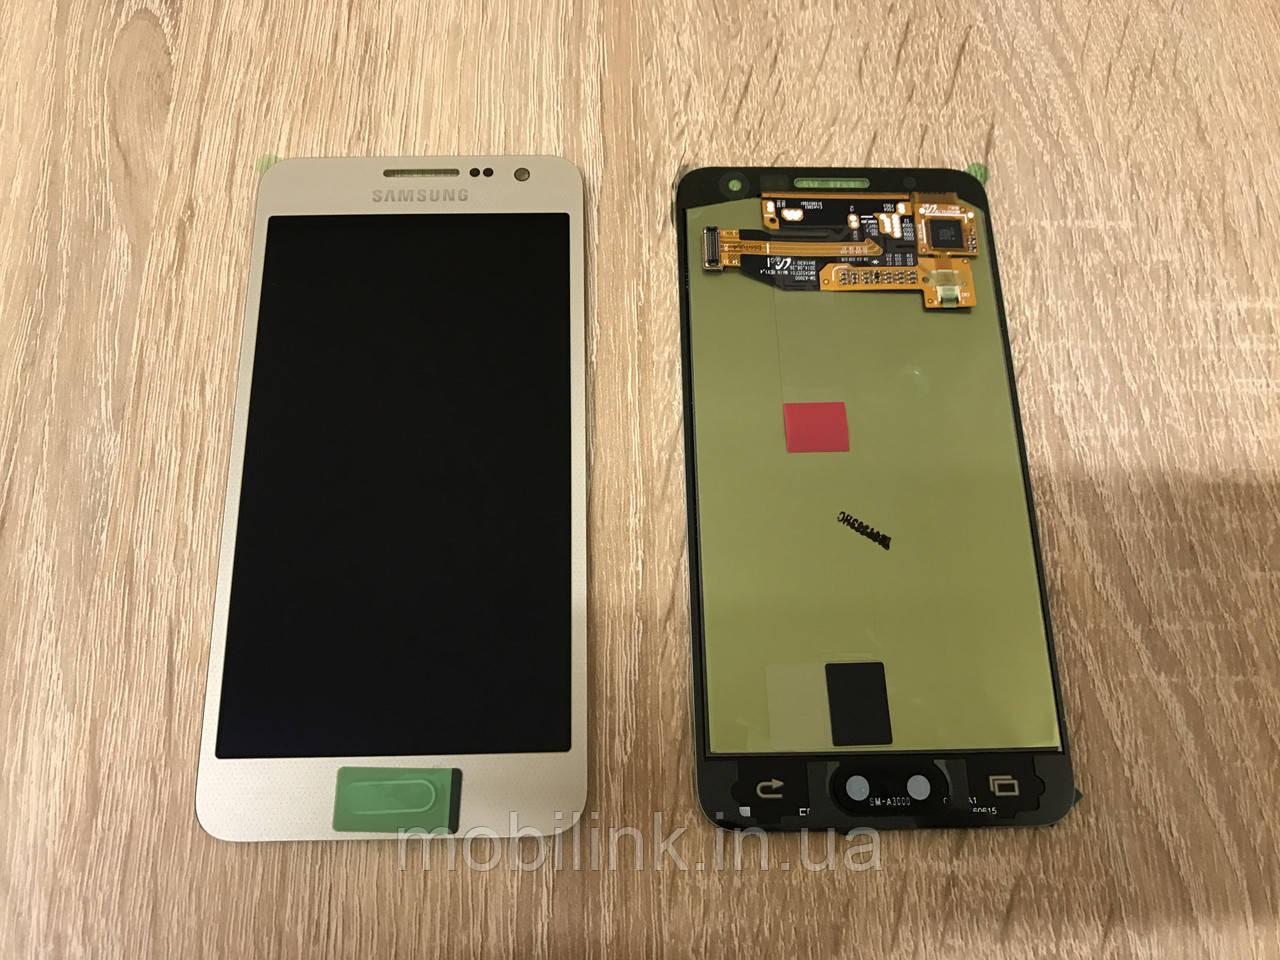 Дисплей Samsung A3 A300 Золото Gold GH97-16747F оригинал!